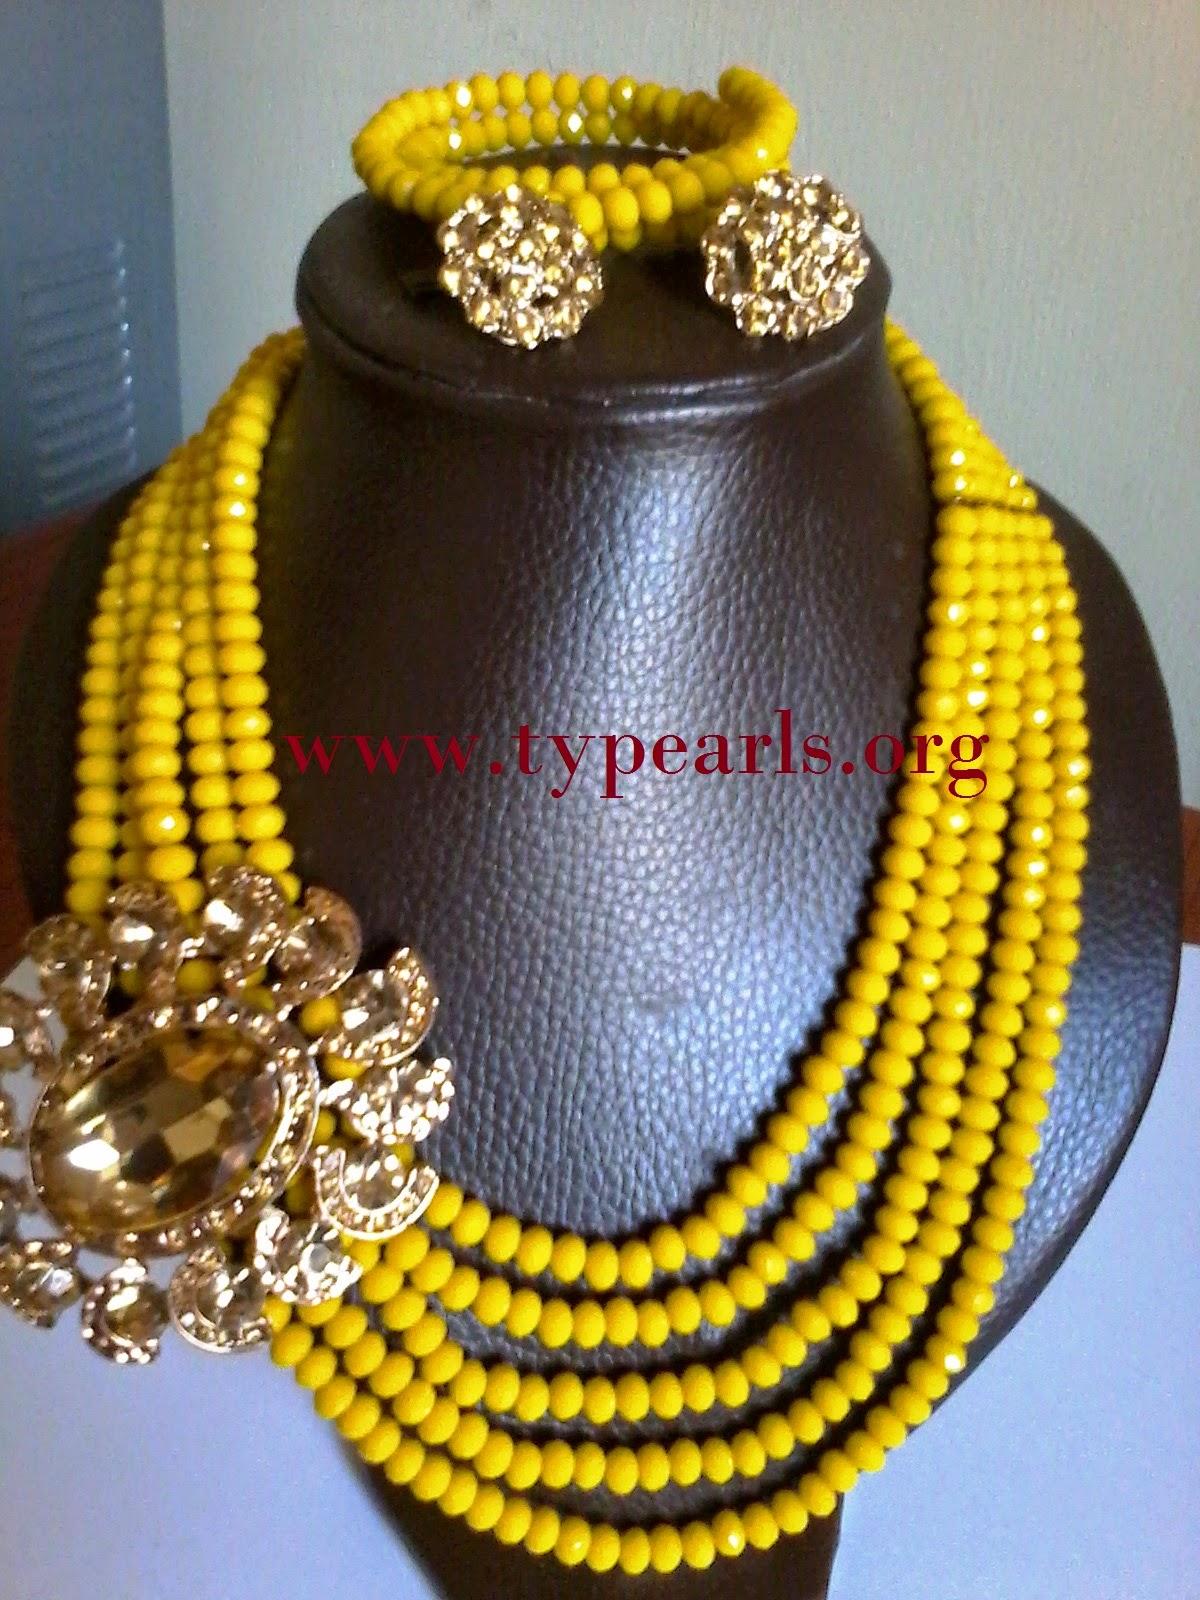 yellow layered beads